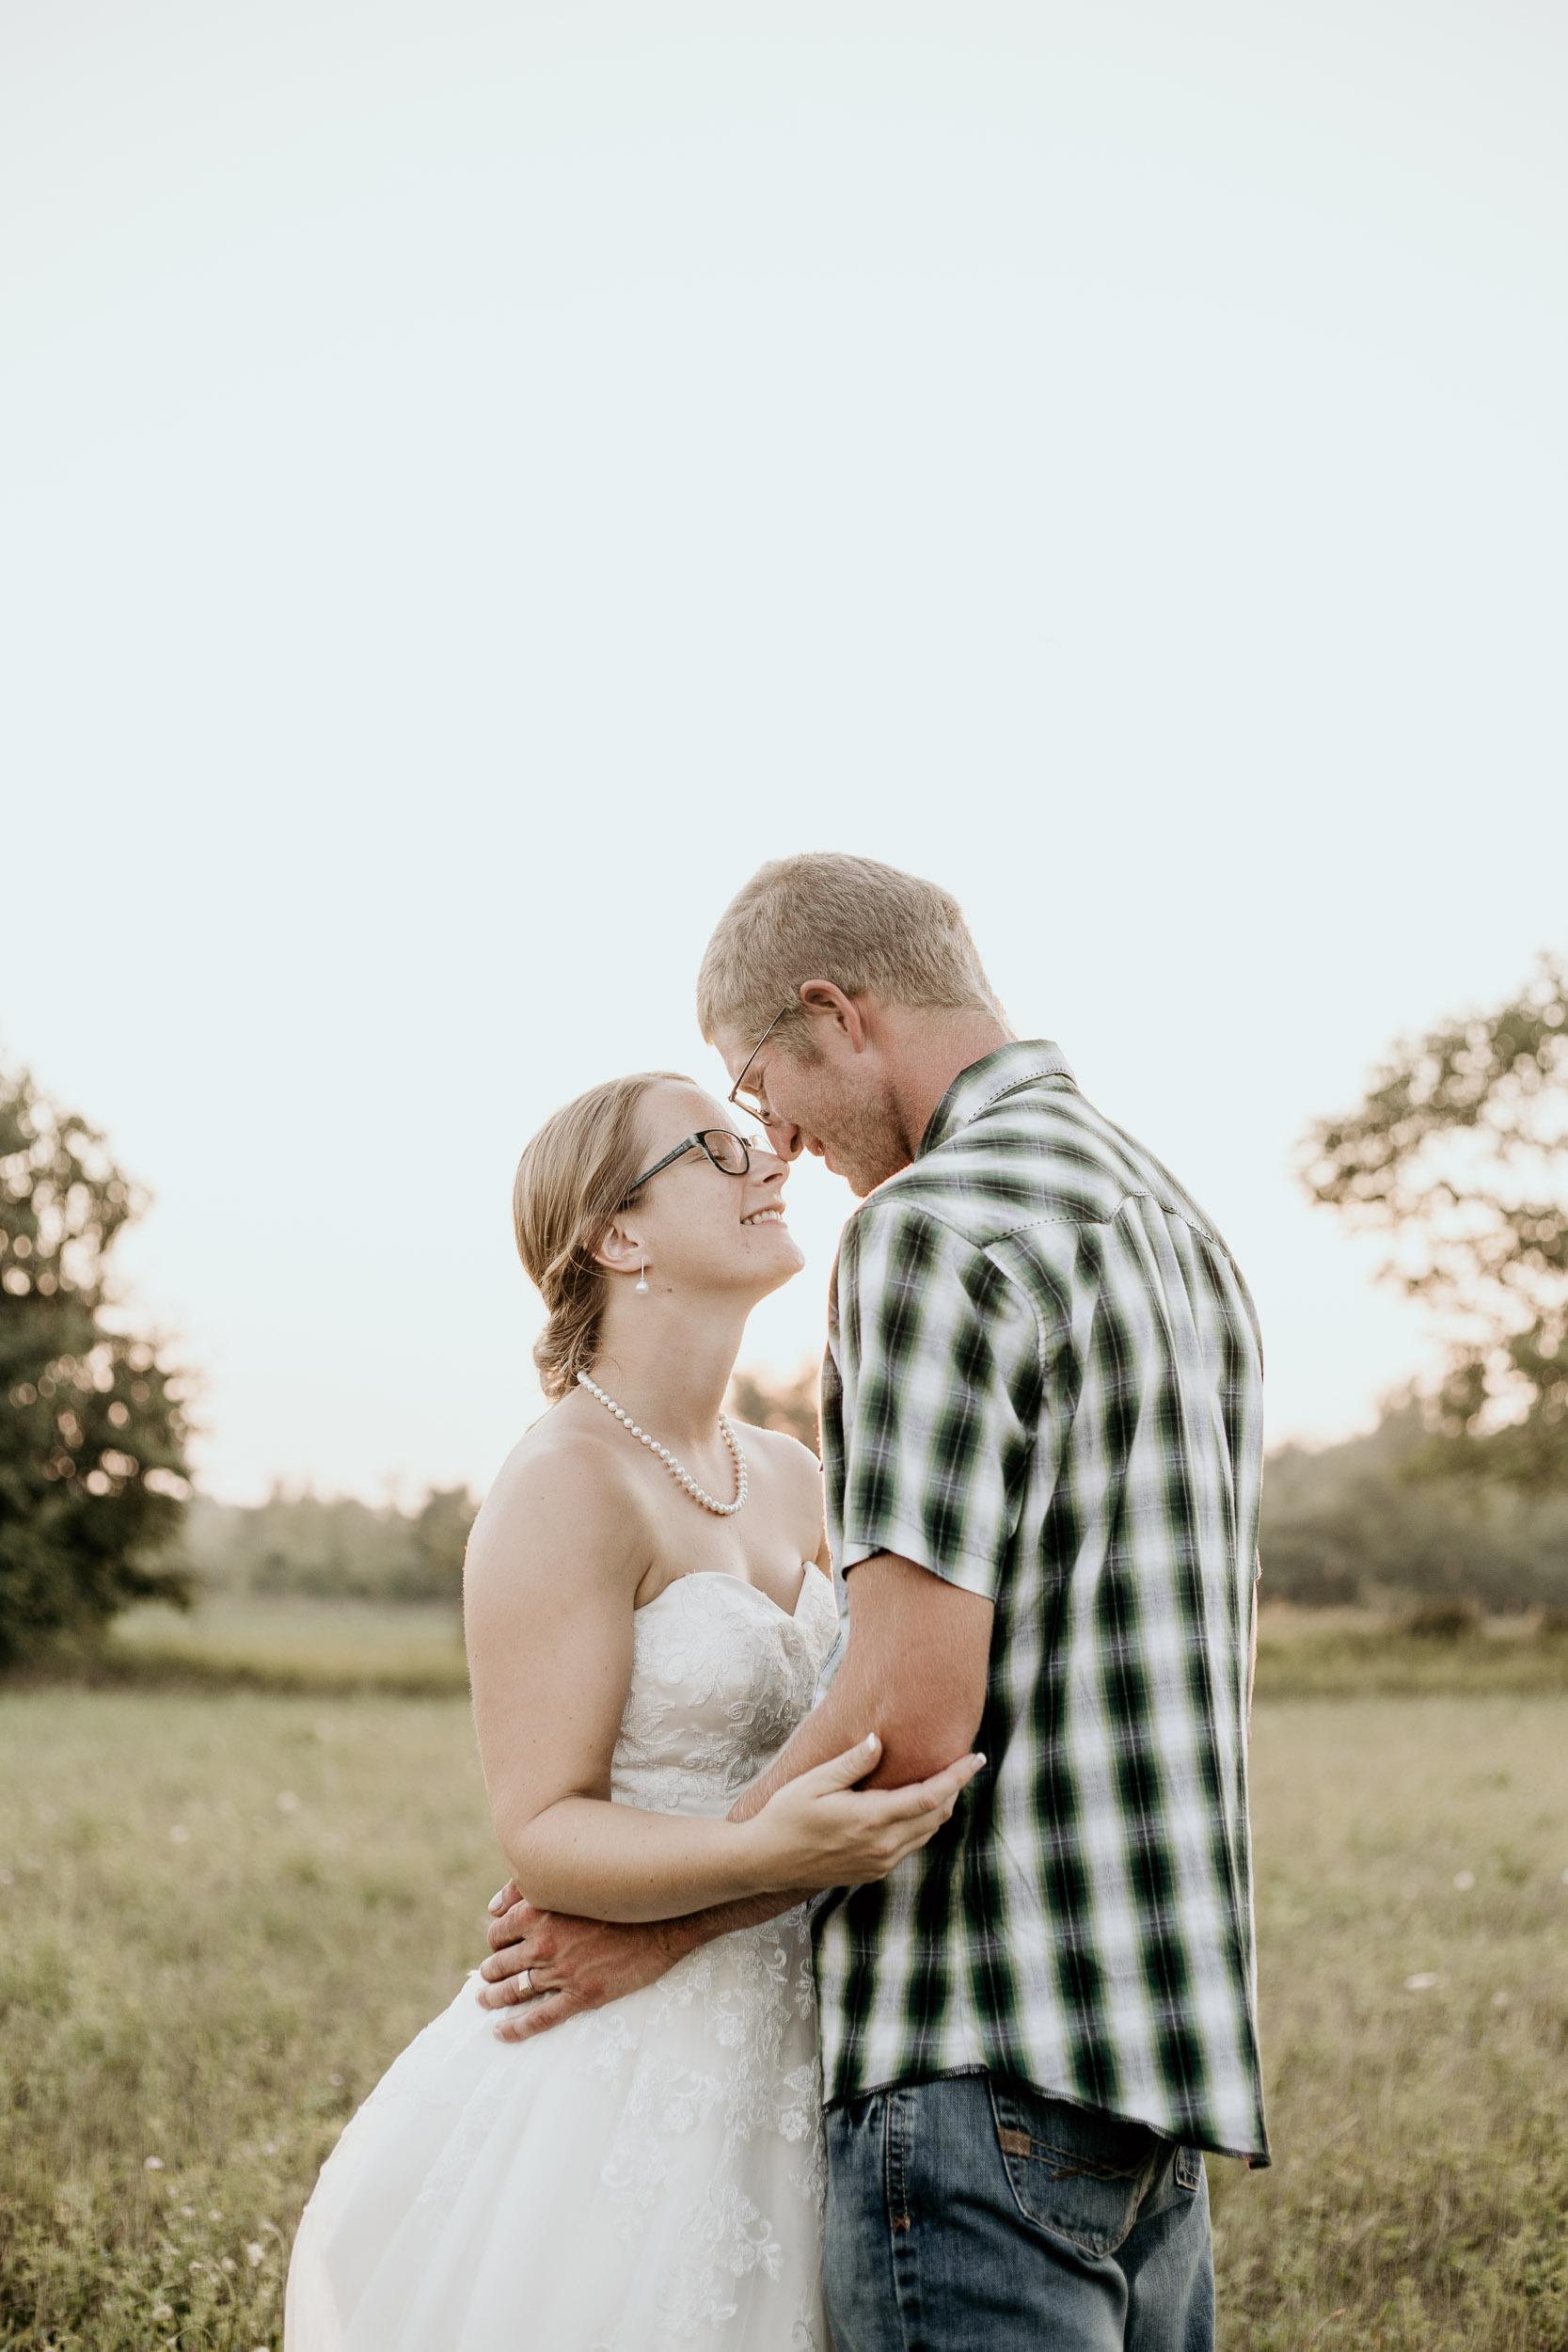 intimate-wedding-elopement-photographer-ottawa-joshua-tree-2992.jpg